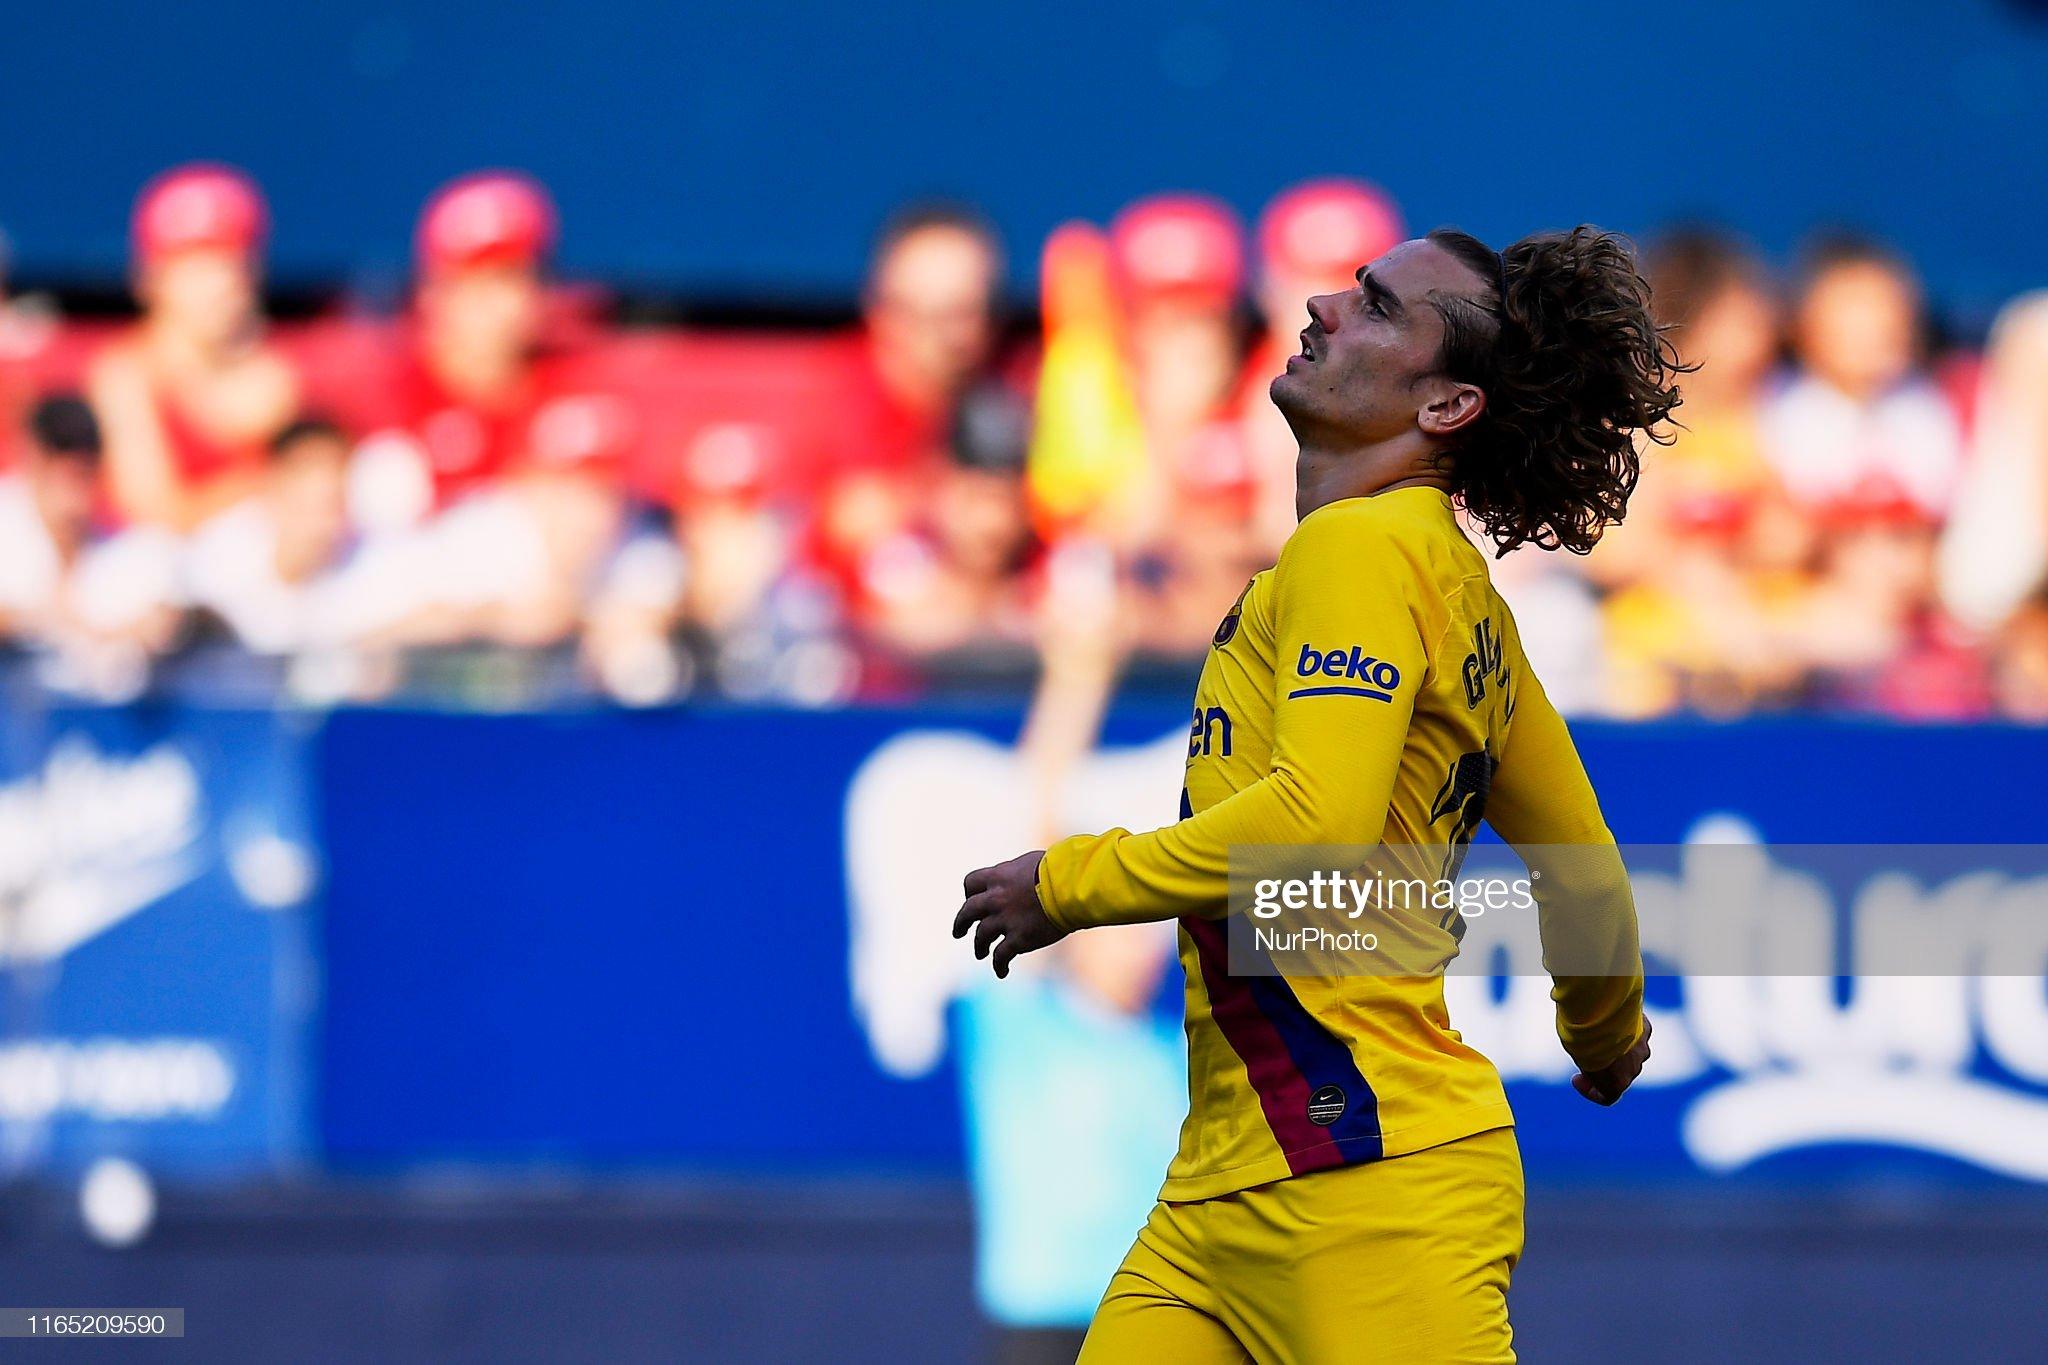 صور مباراة : أوساسونا - برشلونة 2-2 ( 31-08-2019 )  Antoine-griezmann-of-barcelona-lament-a-failed-occasion-during-the-picture-id1165209590?s=2048x2048